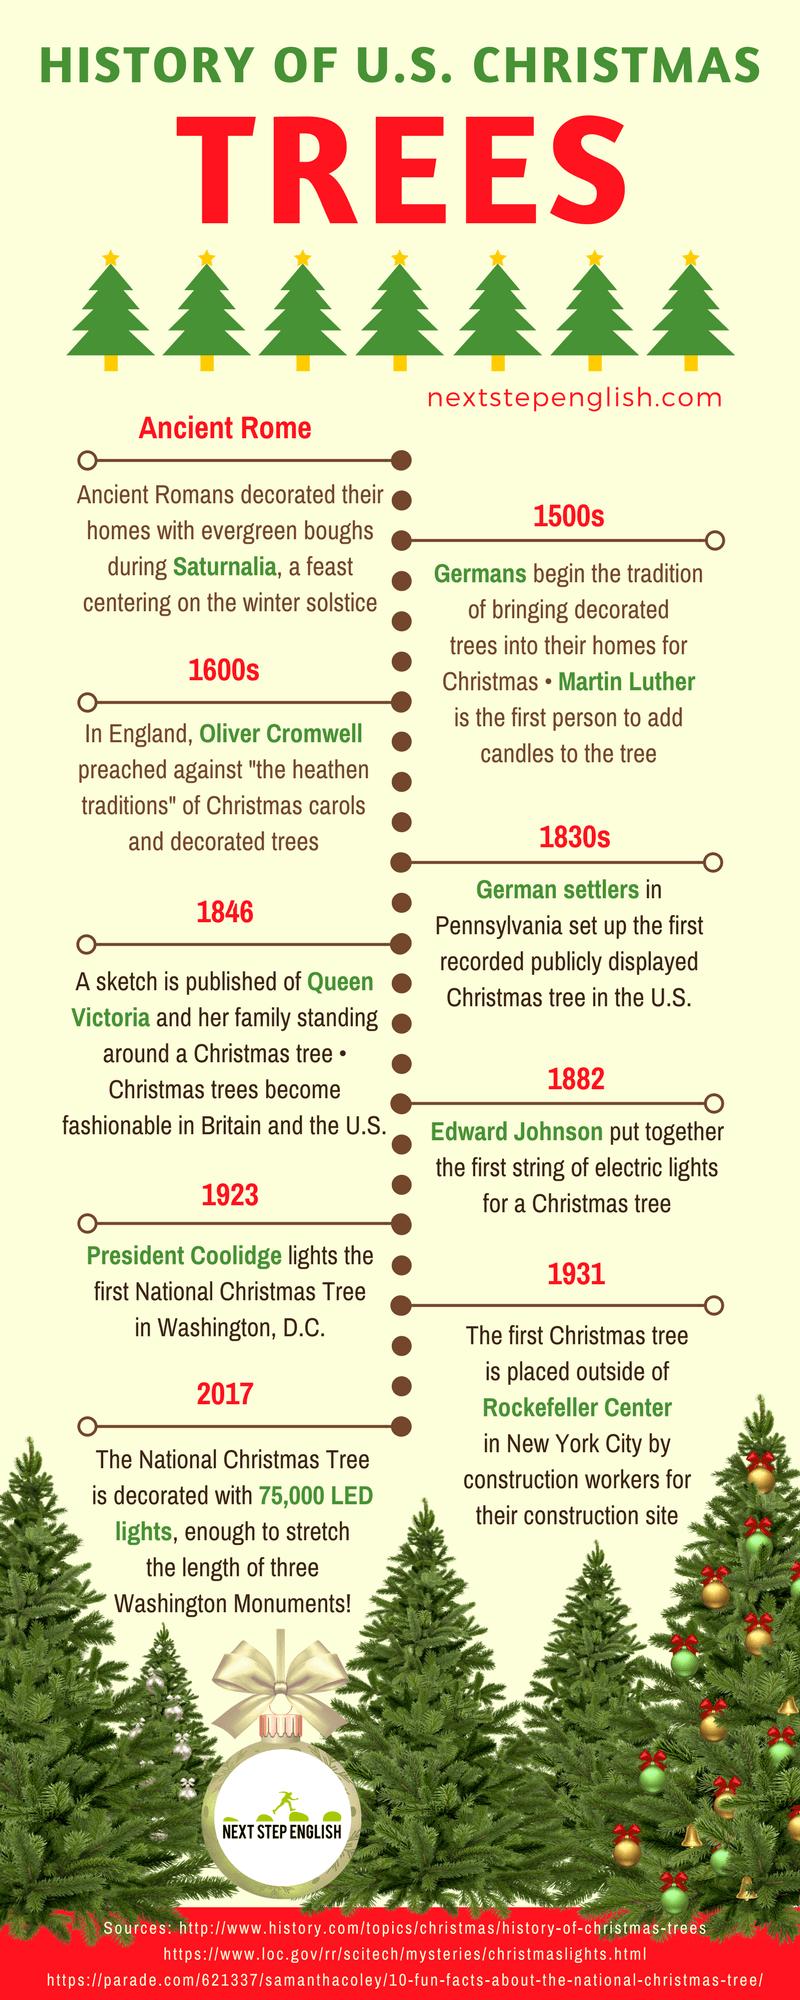 Christmas-Tree-History-Christmas-Tree-Timeline-Next-Step-English.png